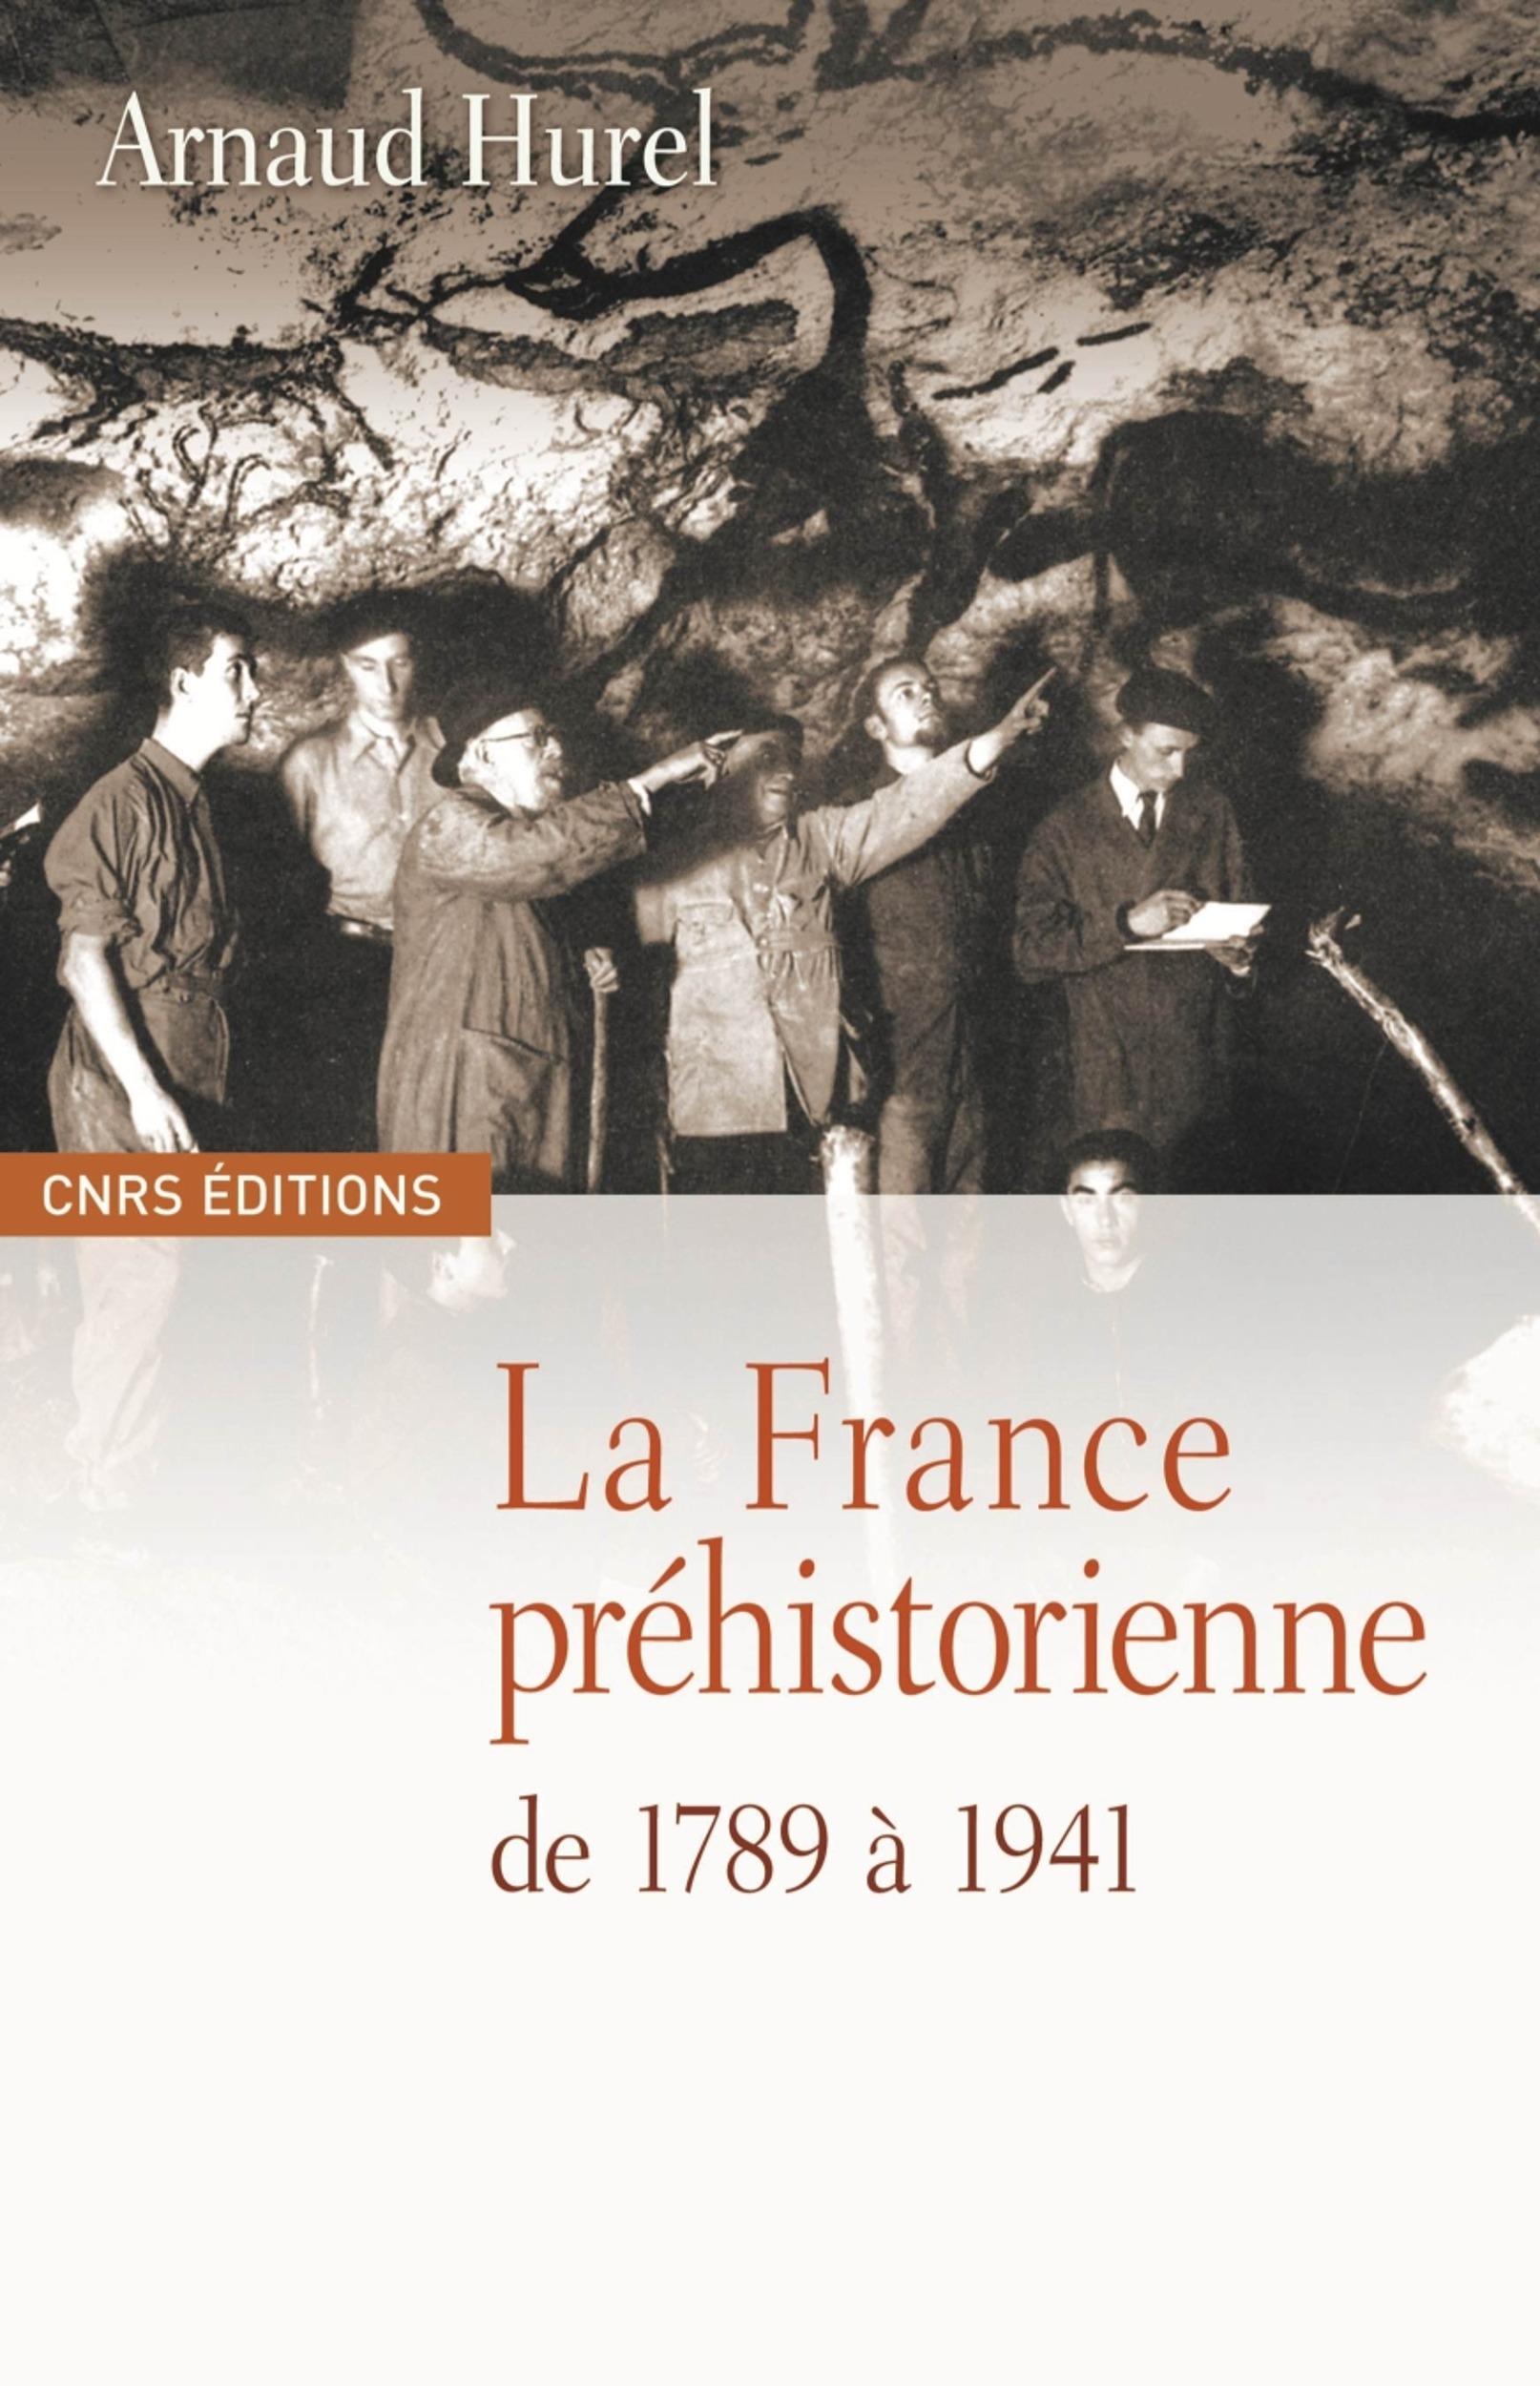 Arnaud Hurel La France préhistorienne de 1789 à 1941